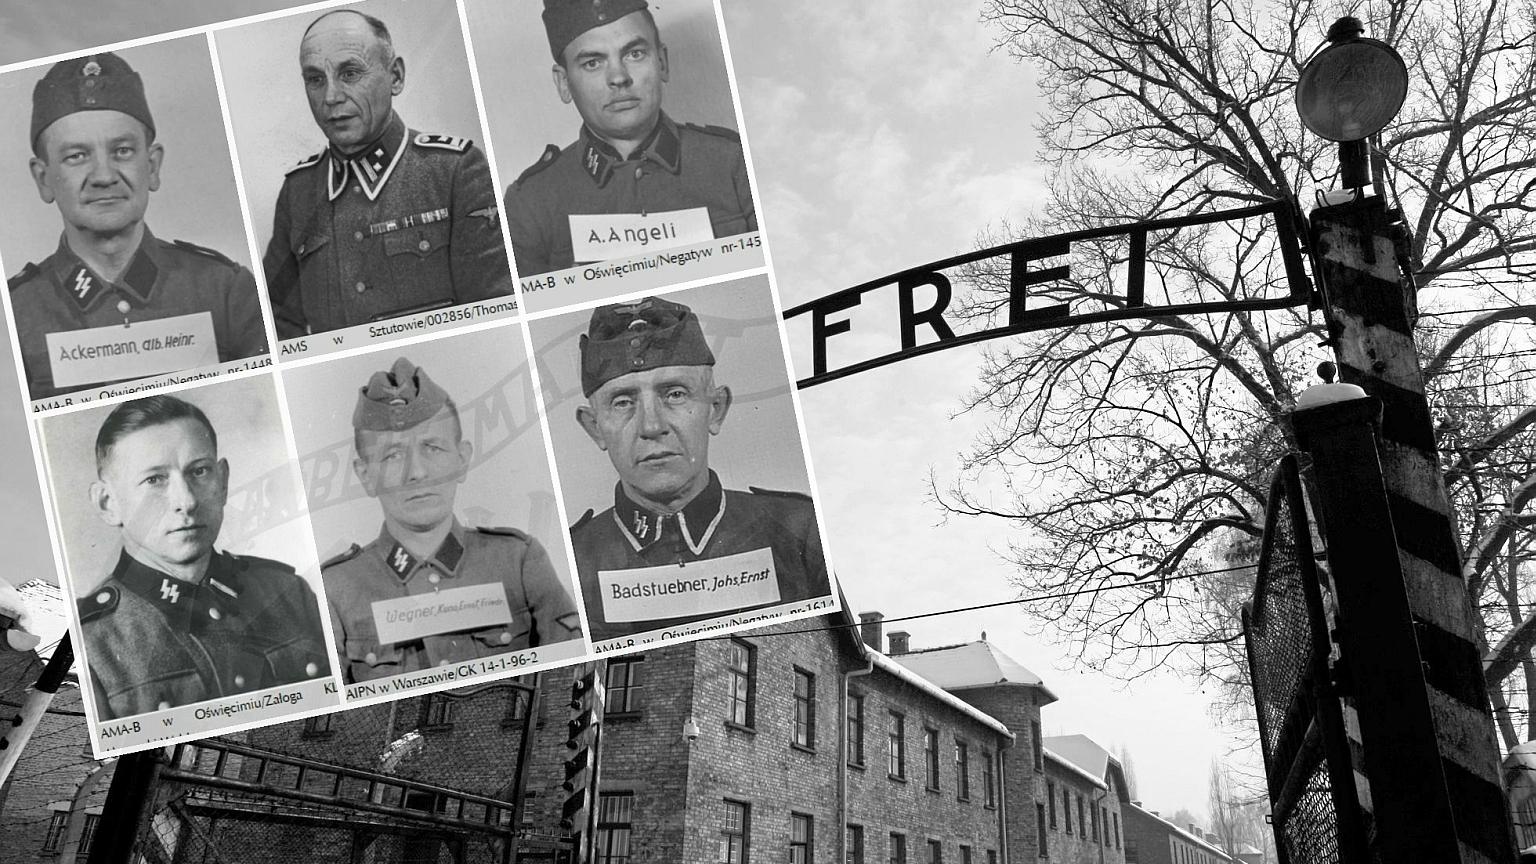 Brama byłego obozu Auschwitz i twarze SS-manów